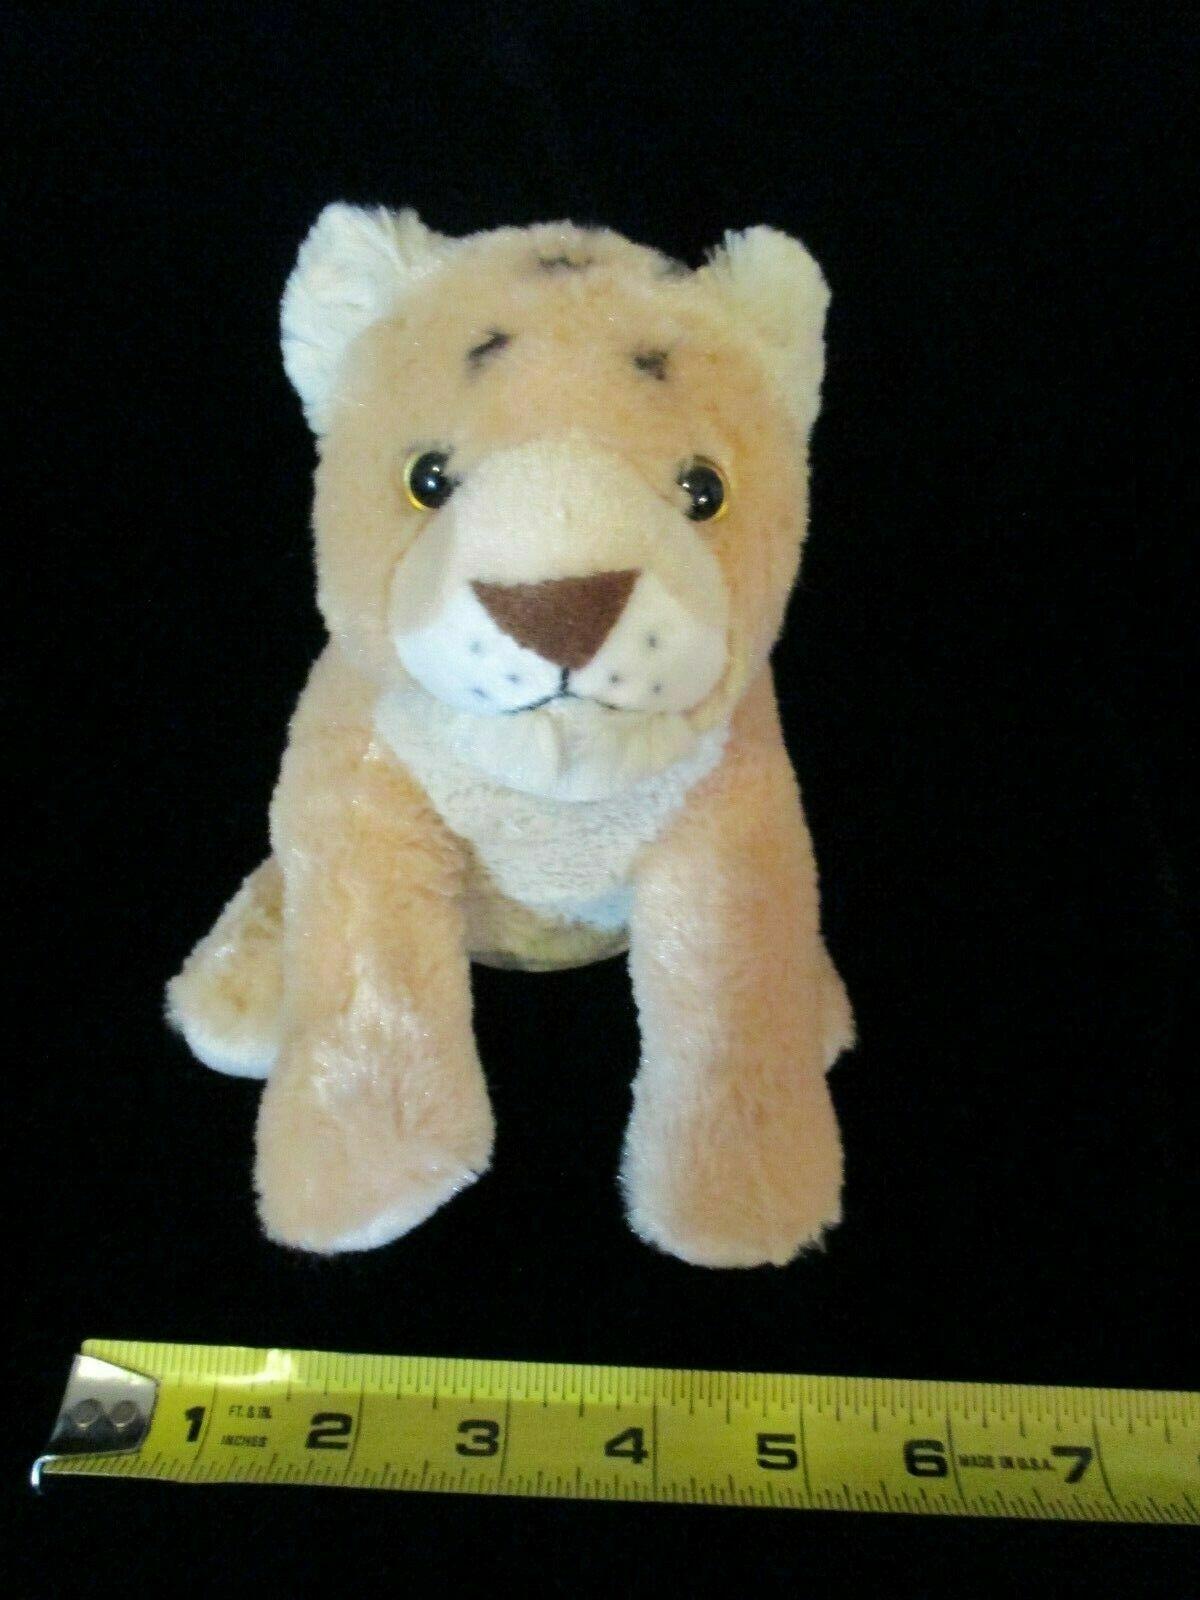 Stuffed Animal Cuddlekins 8 Gifts for Kids Plush Toy Wild Republic Kangaroo Rat Plush